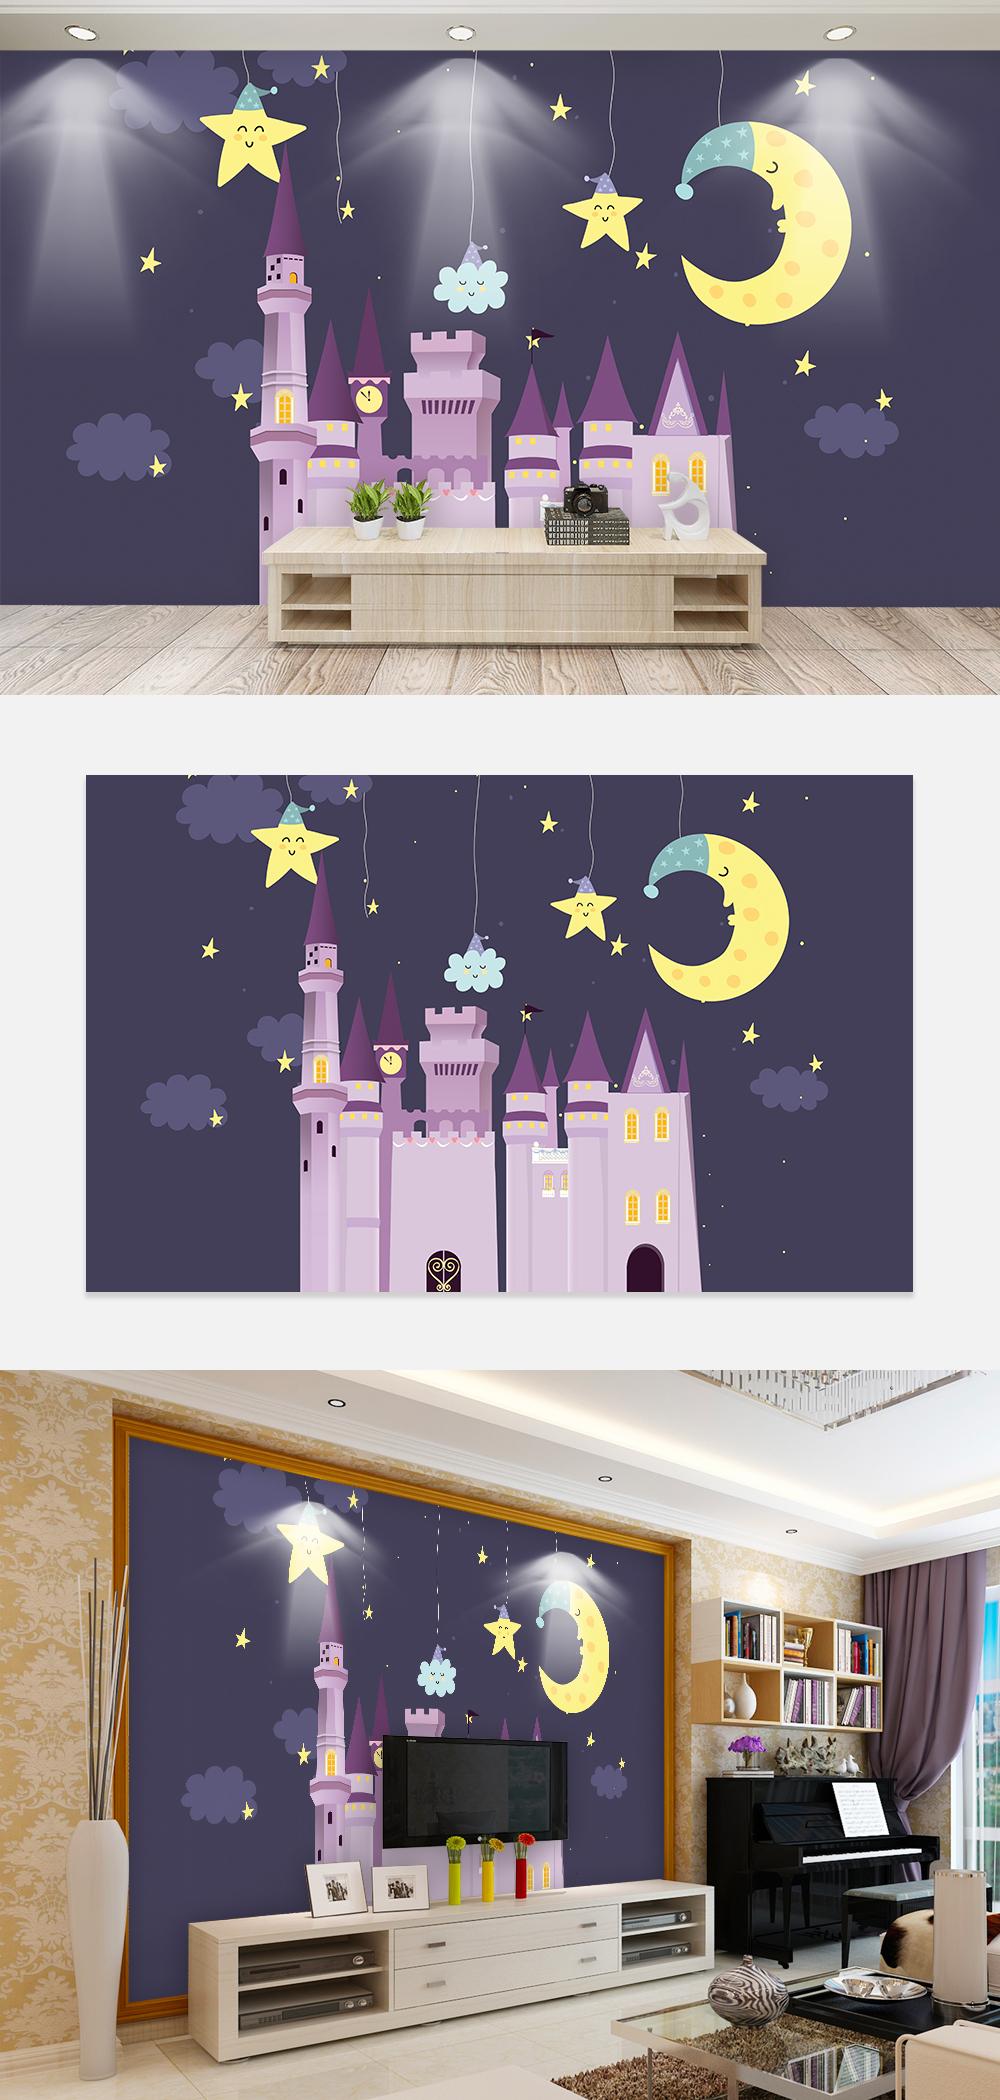 Kanak Kanak Castle Wallpaper Kertas Dinding Bilik Tidur